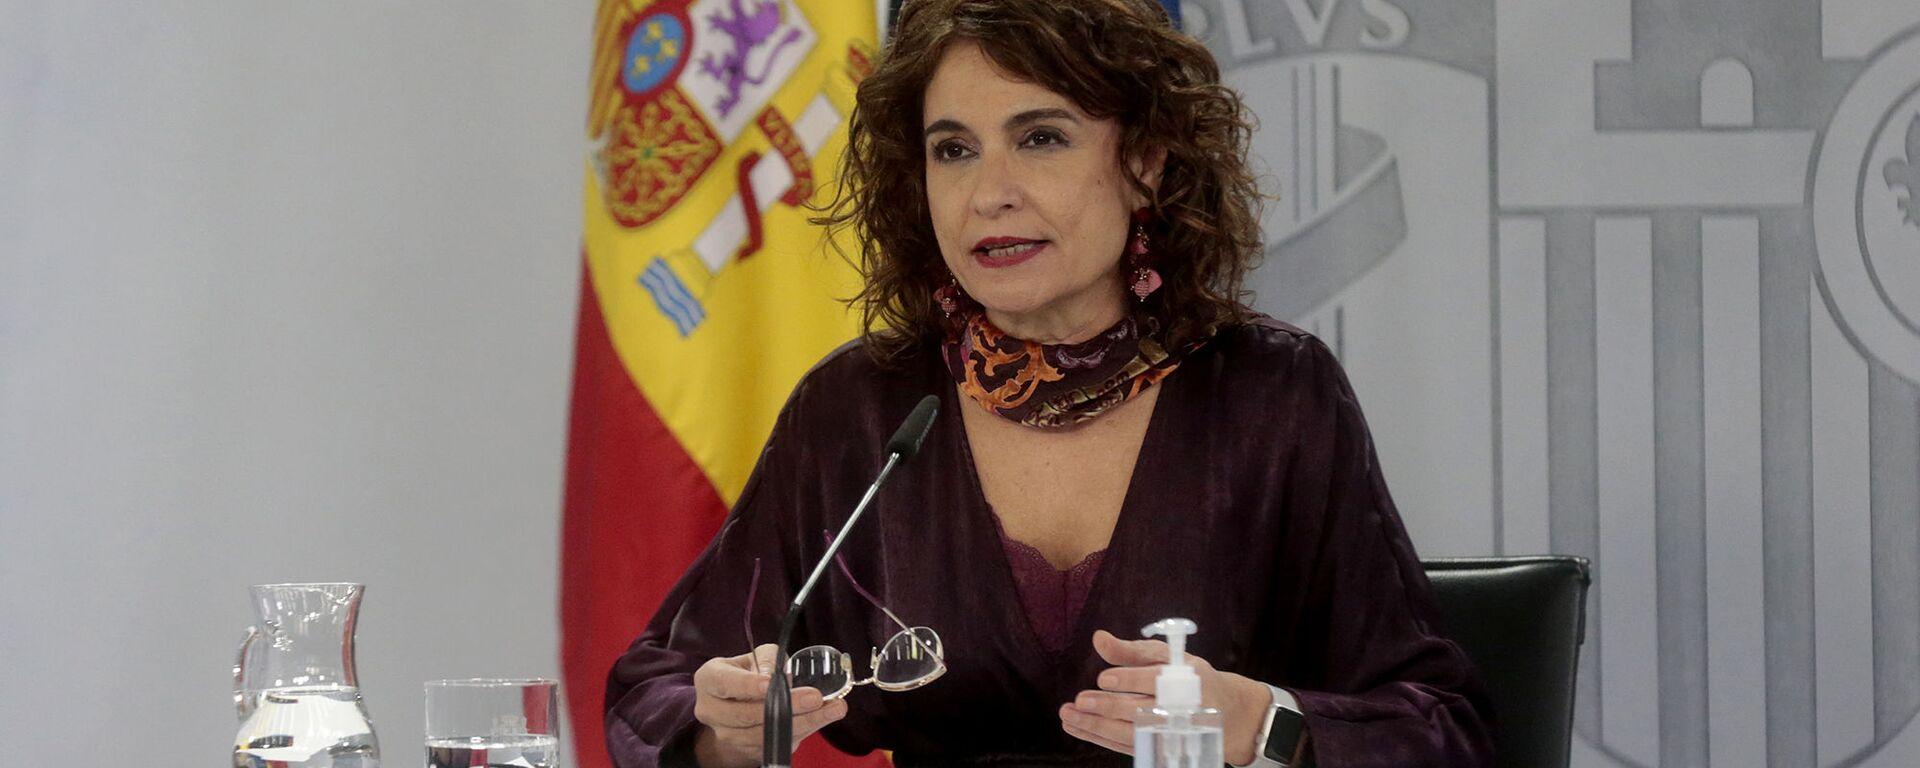 La ministra de Hacienda y portavoz del Gobierno, María Jesús Montero - Sputnik Mundo, 1920, 17.05.2021